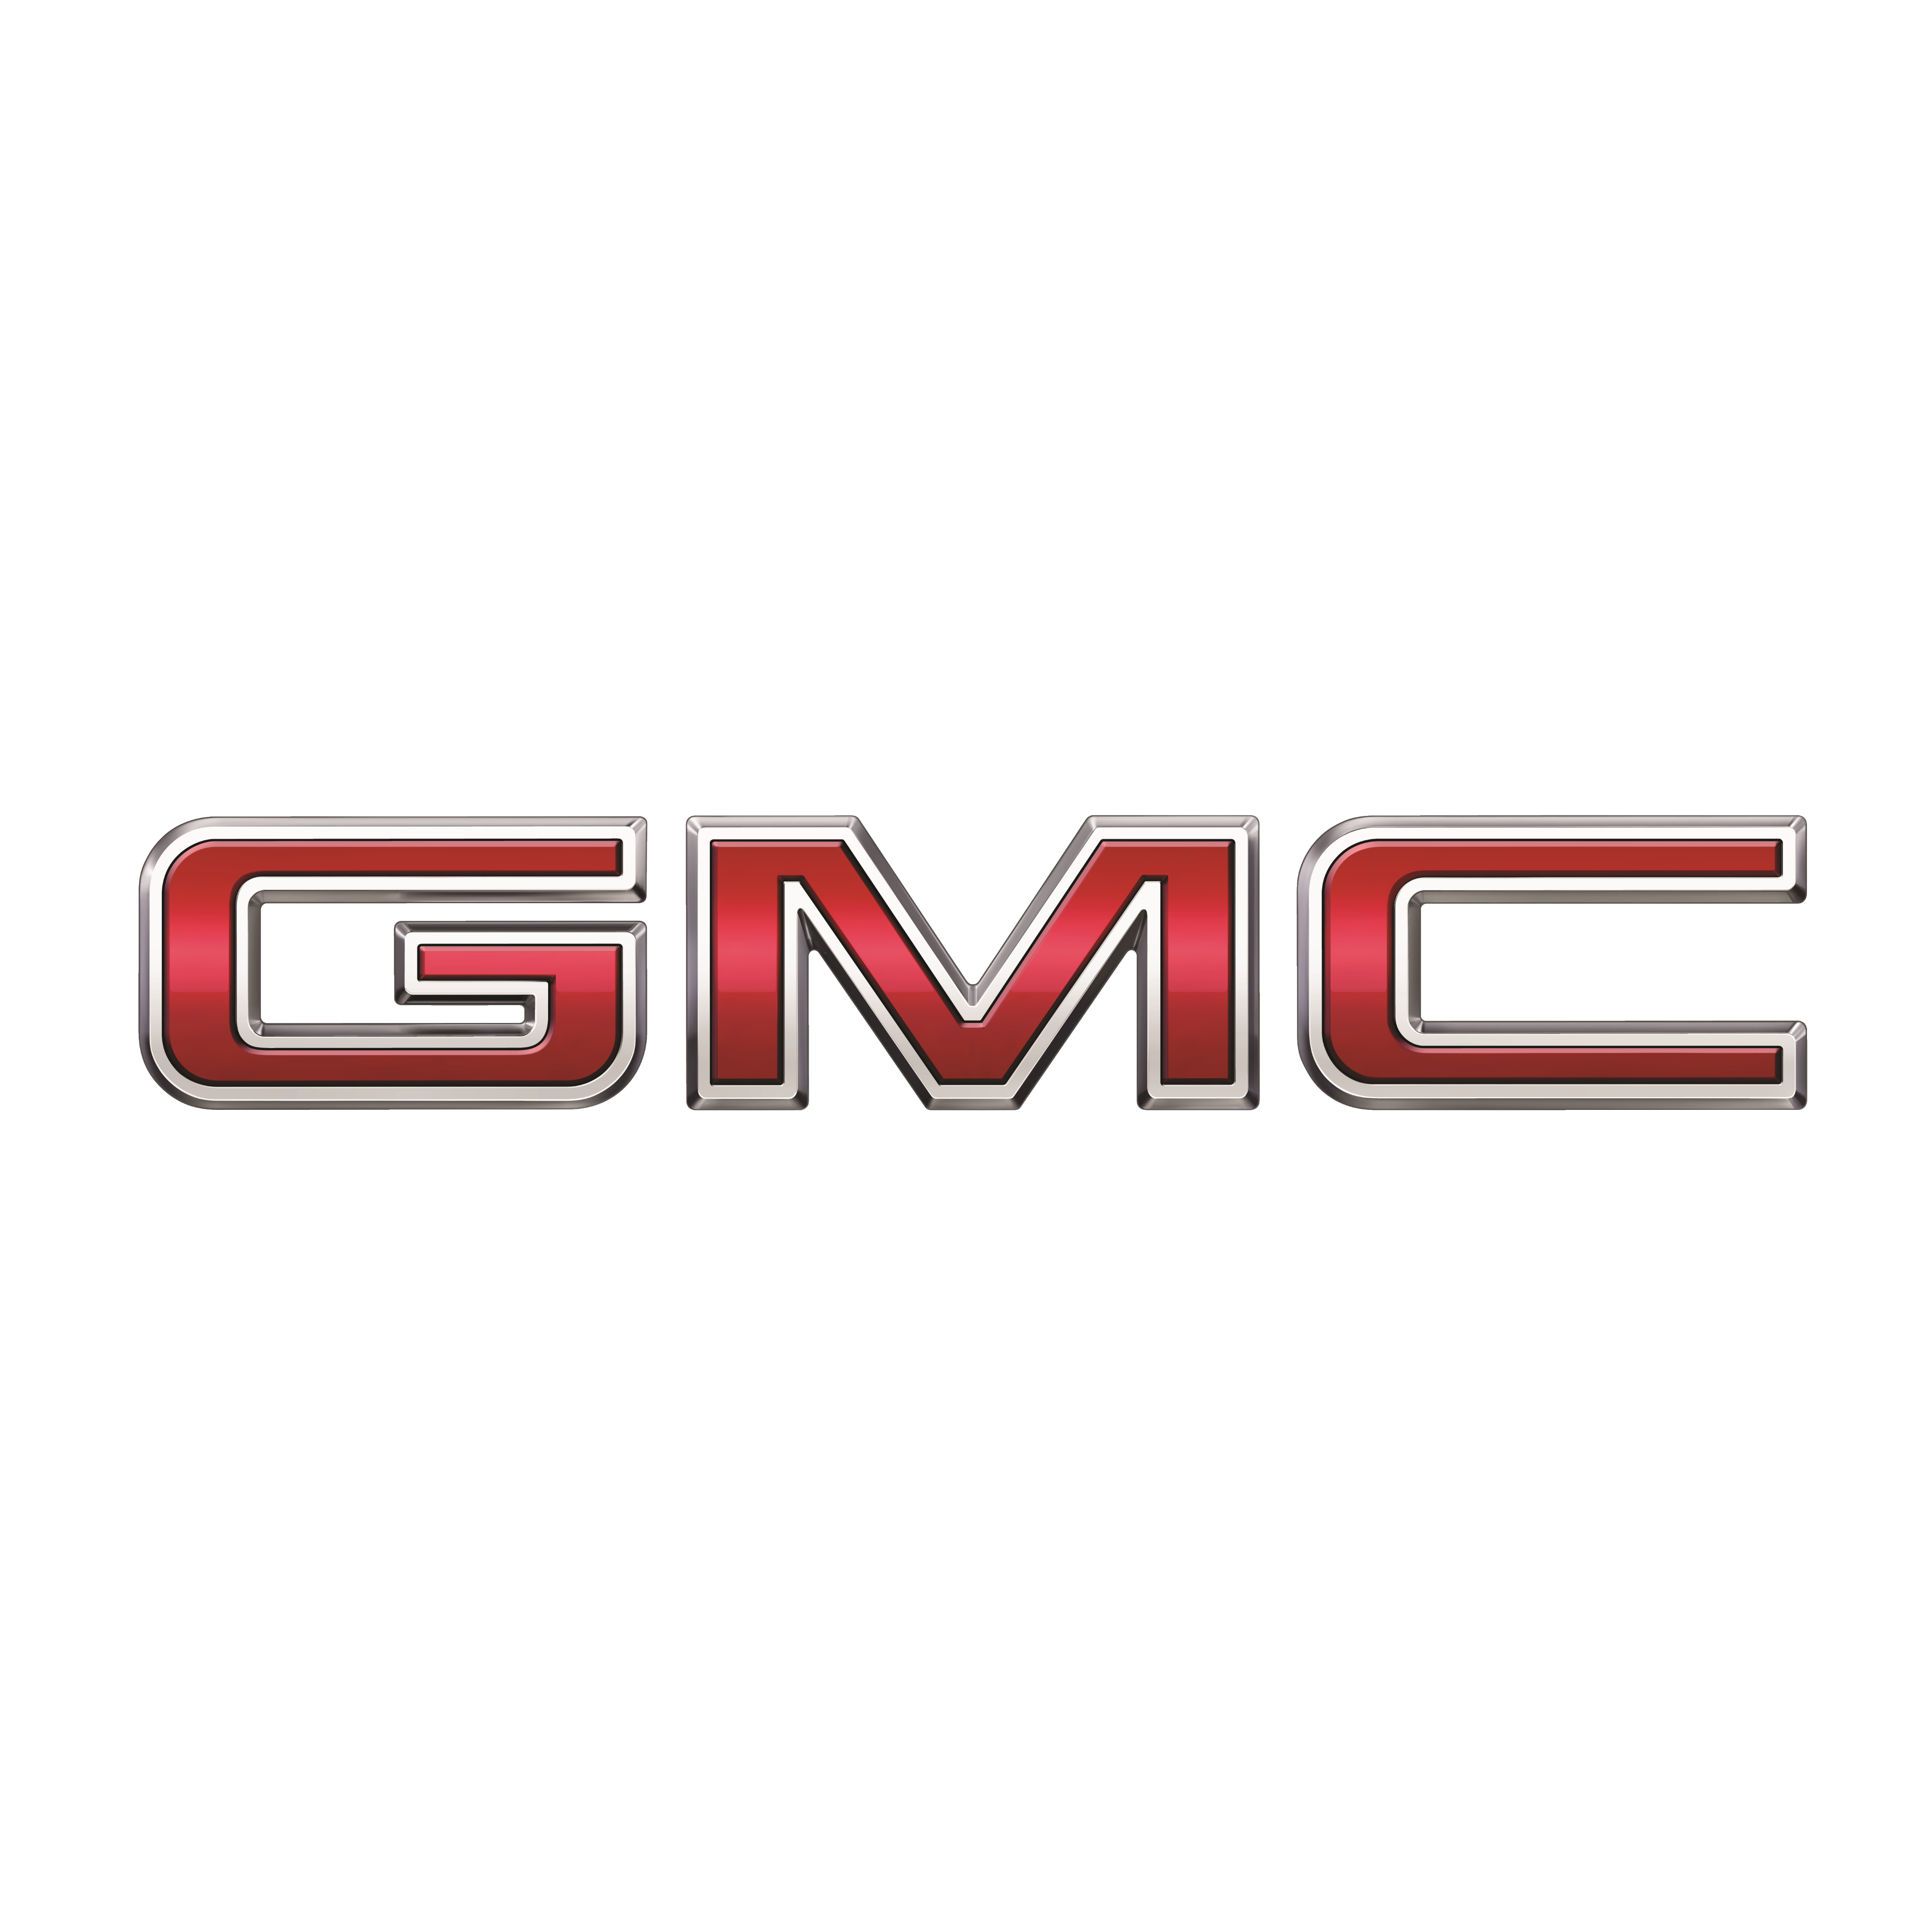 gmc logo 0 - GMC Logo